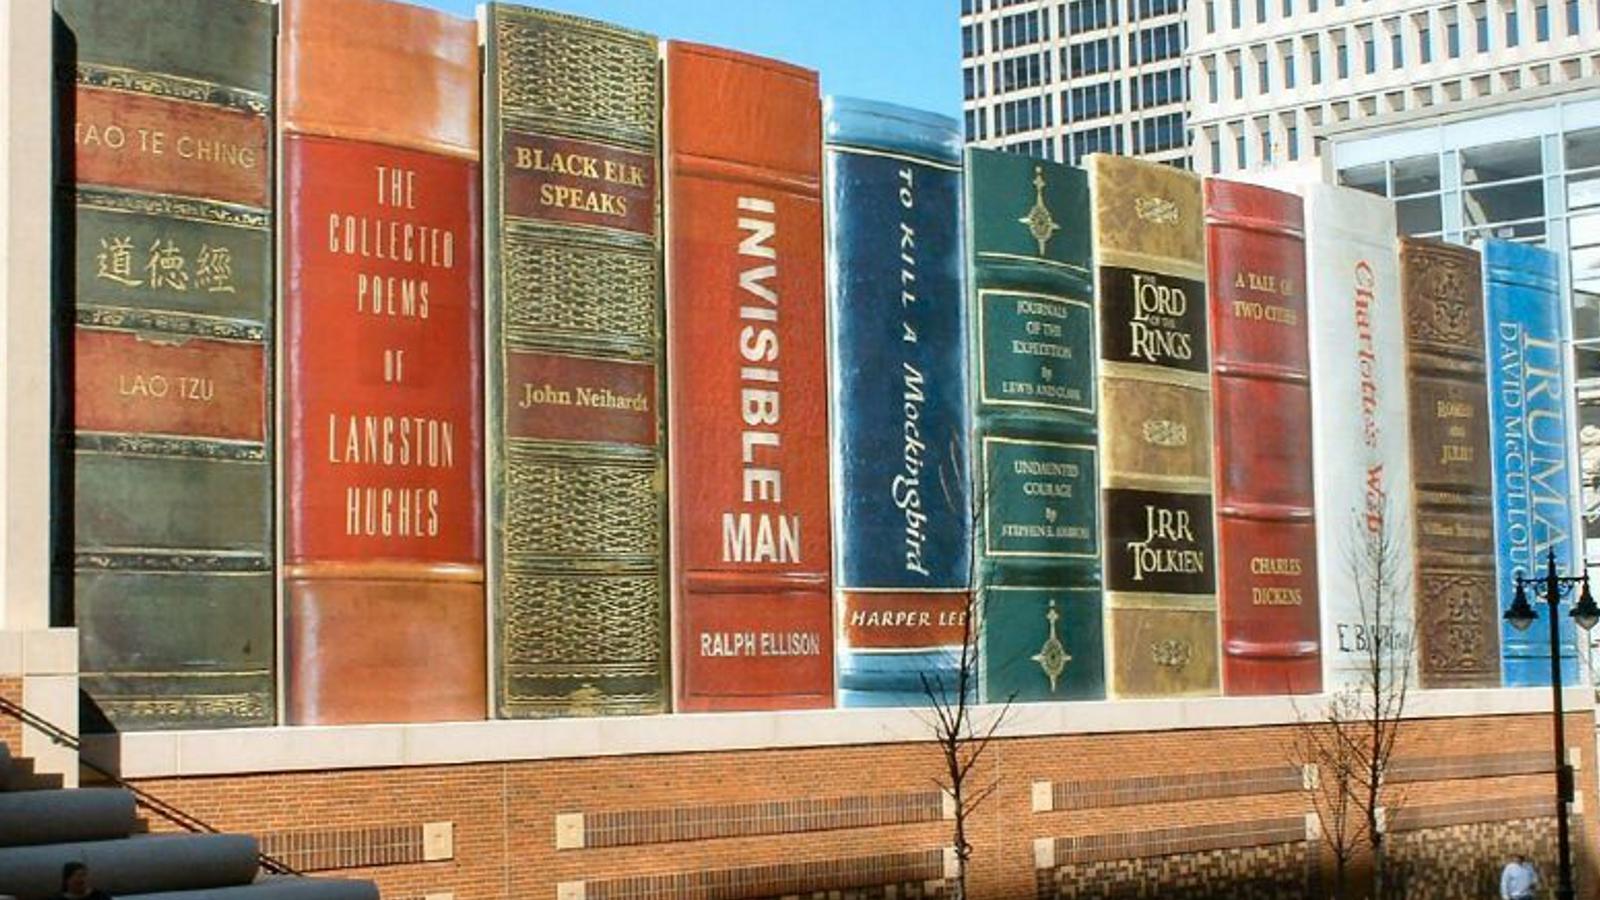 Городская библиотека канзас, сша фото галерея каталог зданий.